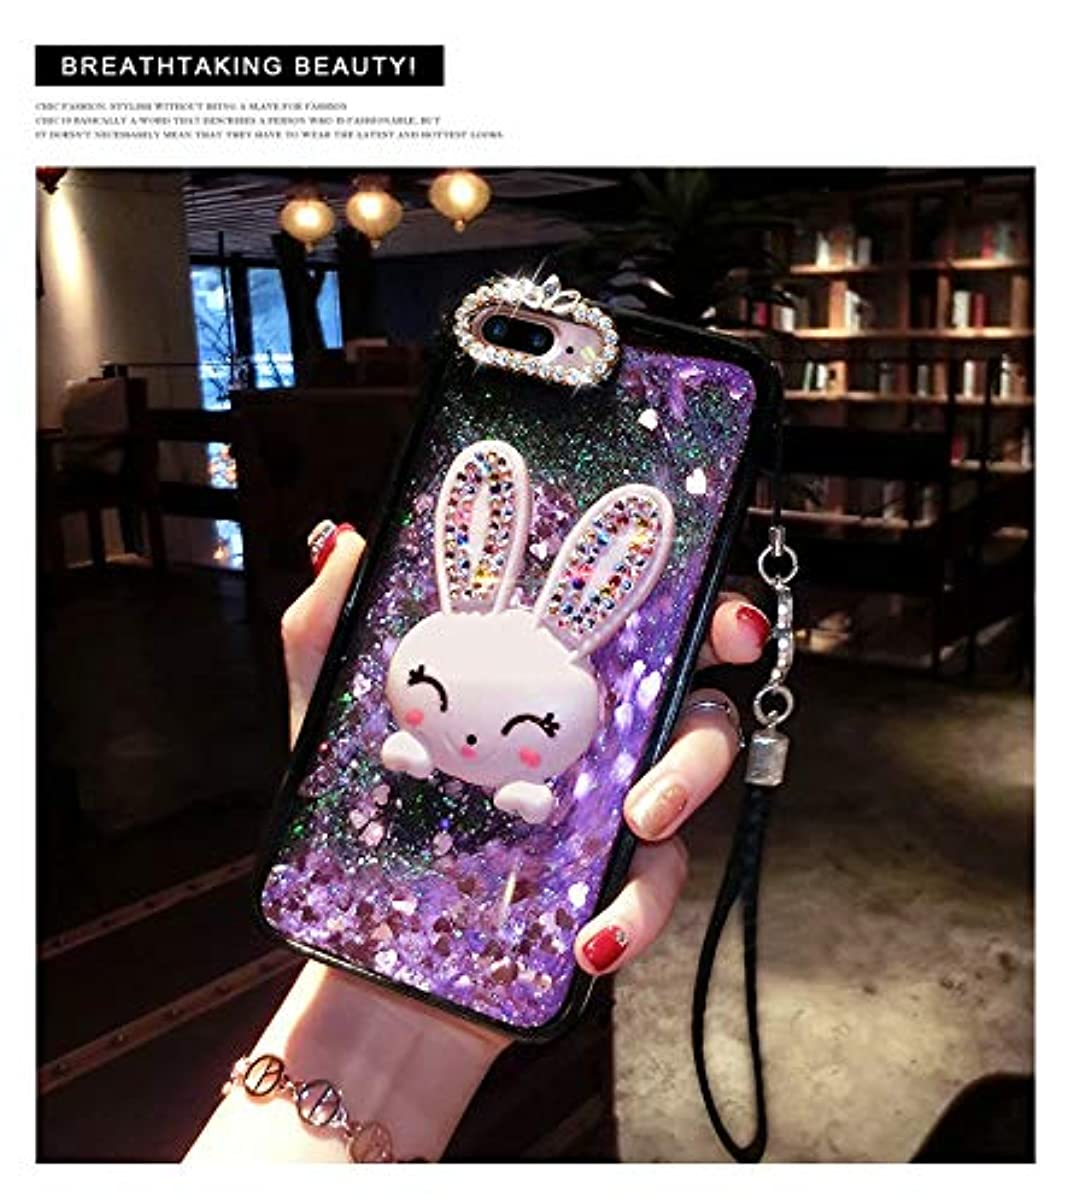 衣類怒って生きているiPhone ケース レディース メンズ 携帯ケース 携帯スタンド きらきら キラキラ 液体流砂 流れ星 ポップコーン 流珠 iPhone7/8/7Plus/8Plus,iPhone X/XR,iPhoneXS/XS MAX (iPhoneXS MAX ケース)